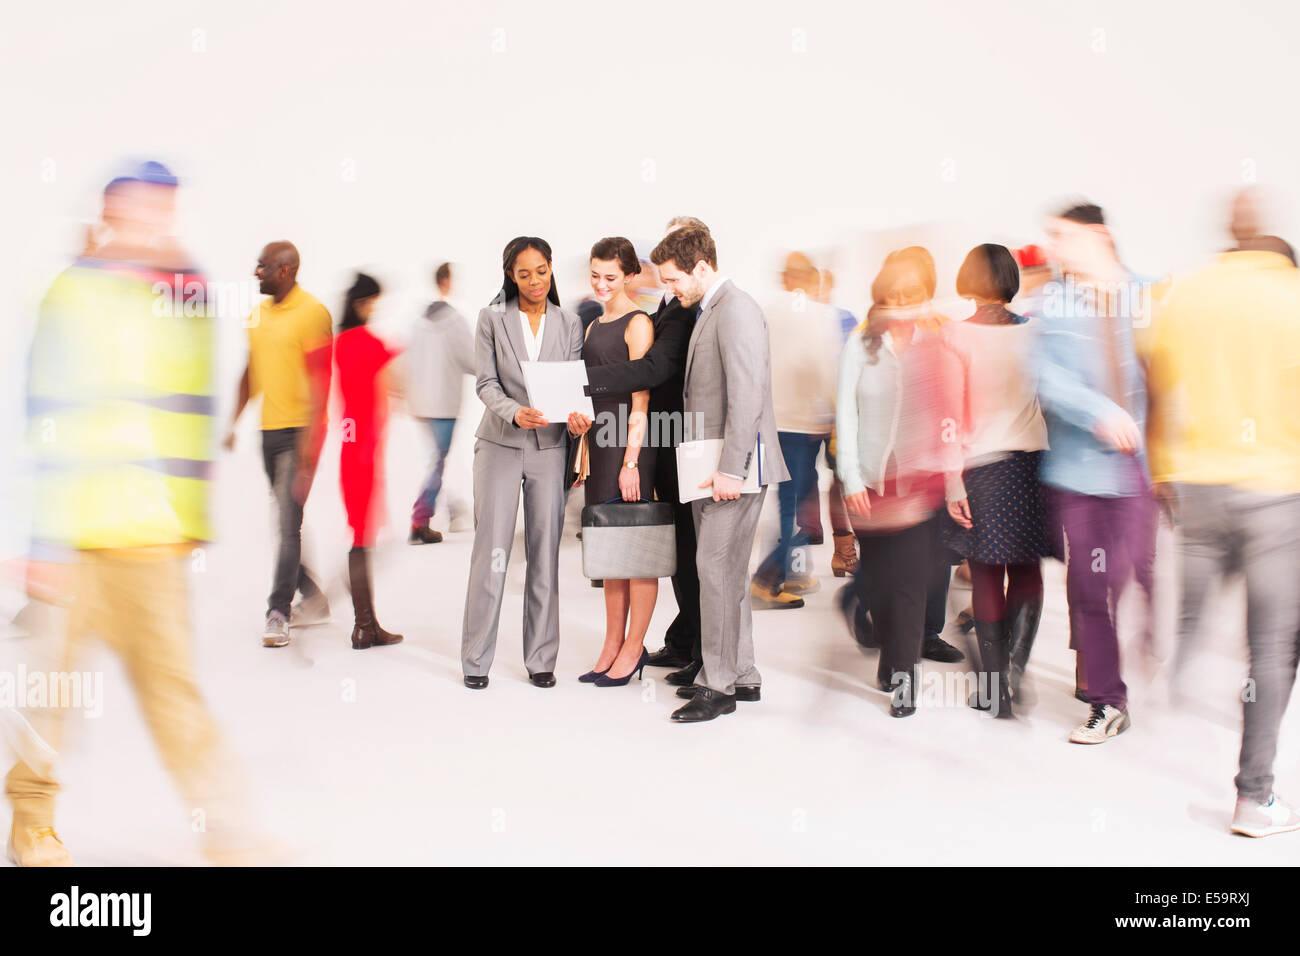 Animation de foule autour de gens d'affaires Banque D'Images